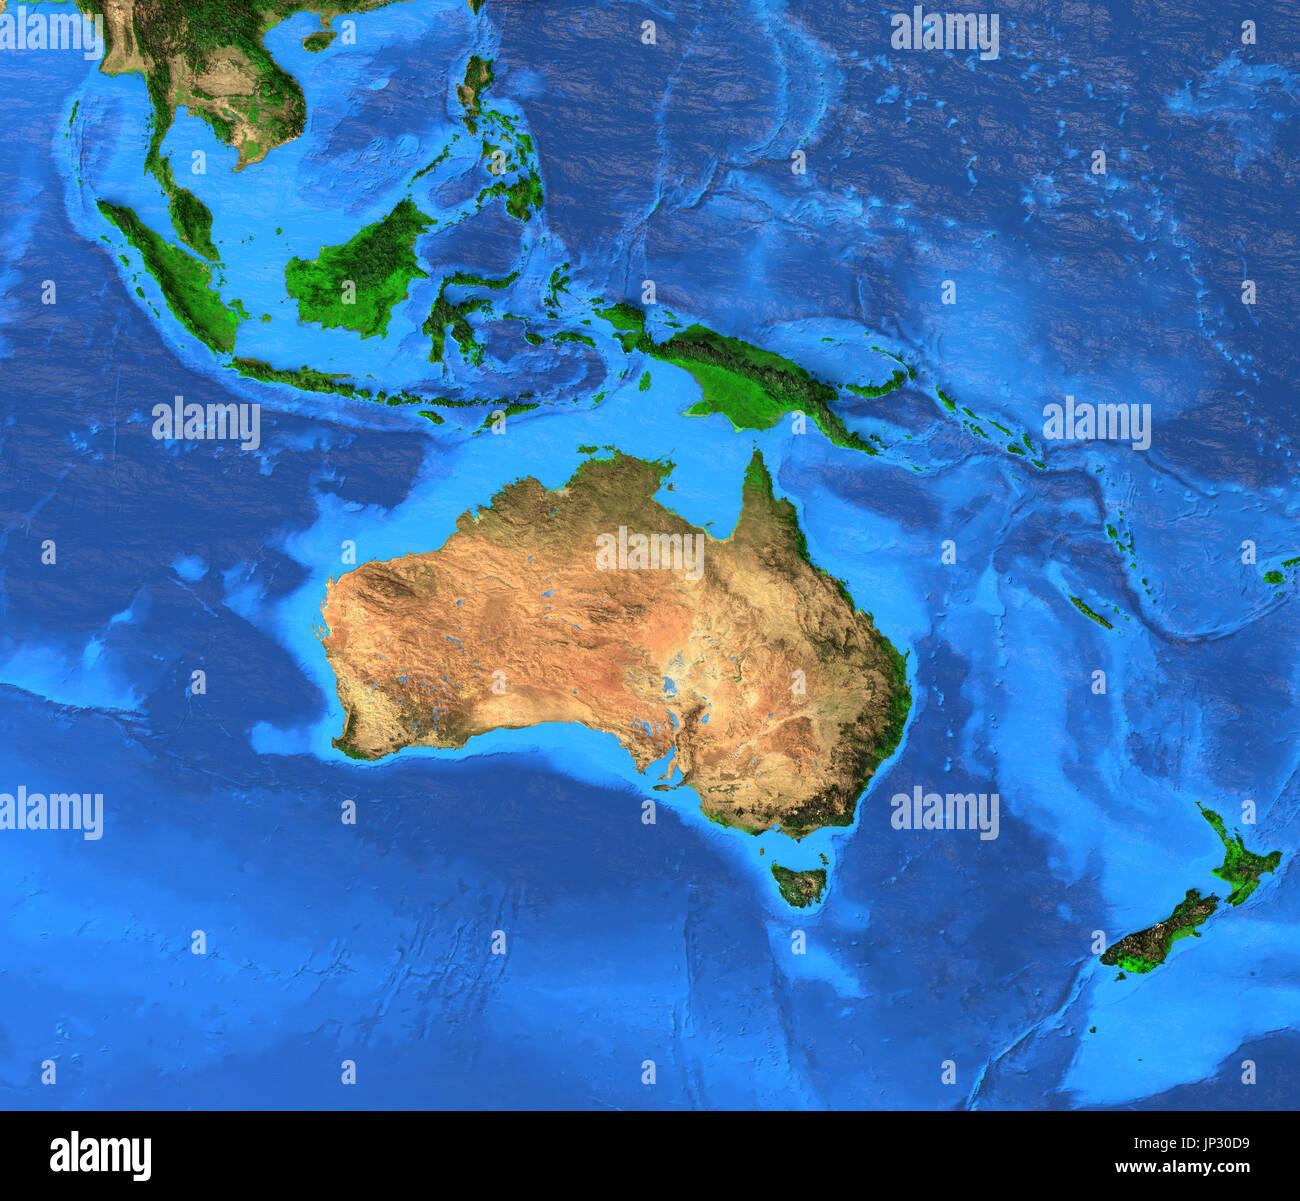 Oceania mappa - Australasia, Polinesia, Melanesia, Micronesia regione. Dettagliata vista satellitare della terra e dei suoi landforms. Gli elementi di questa immagine fur Immagini Stock